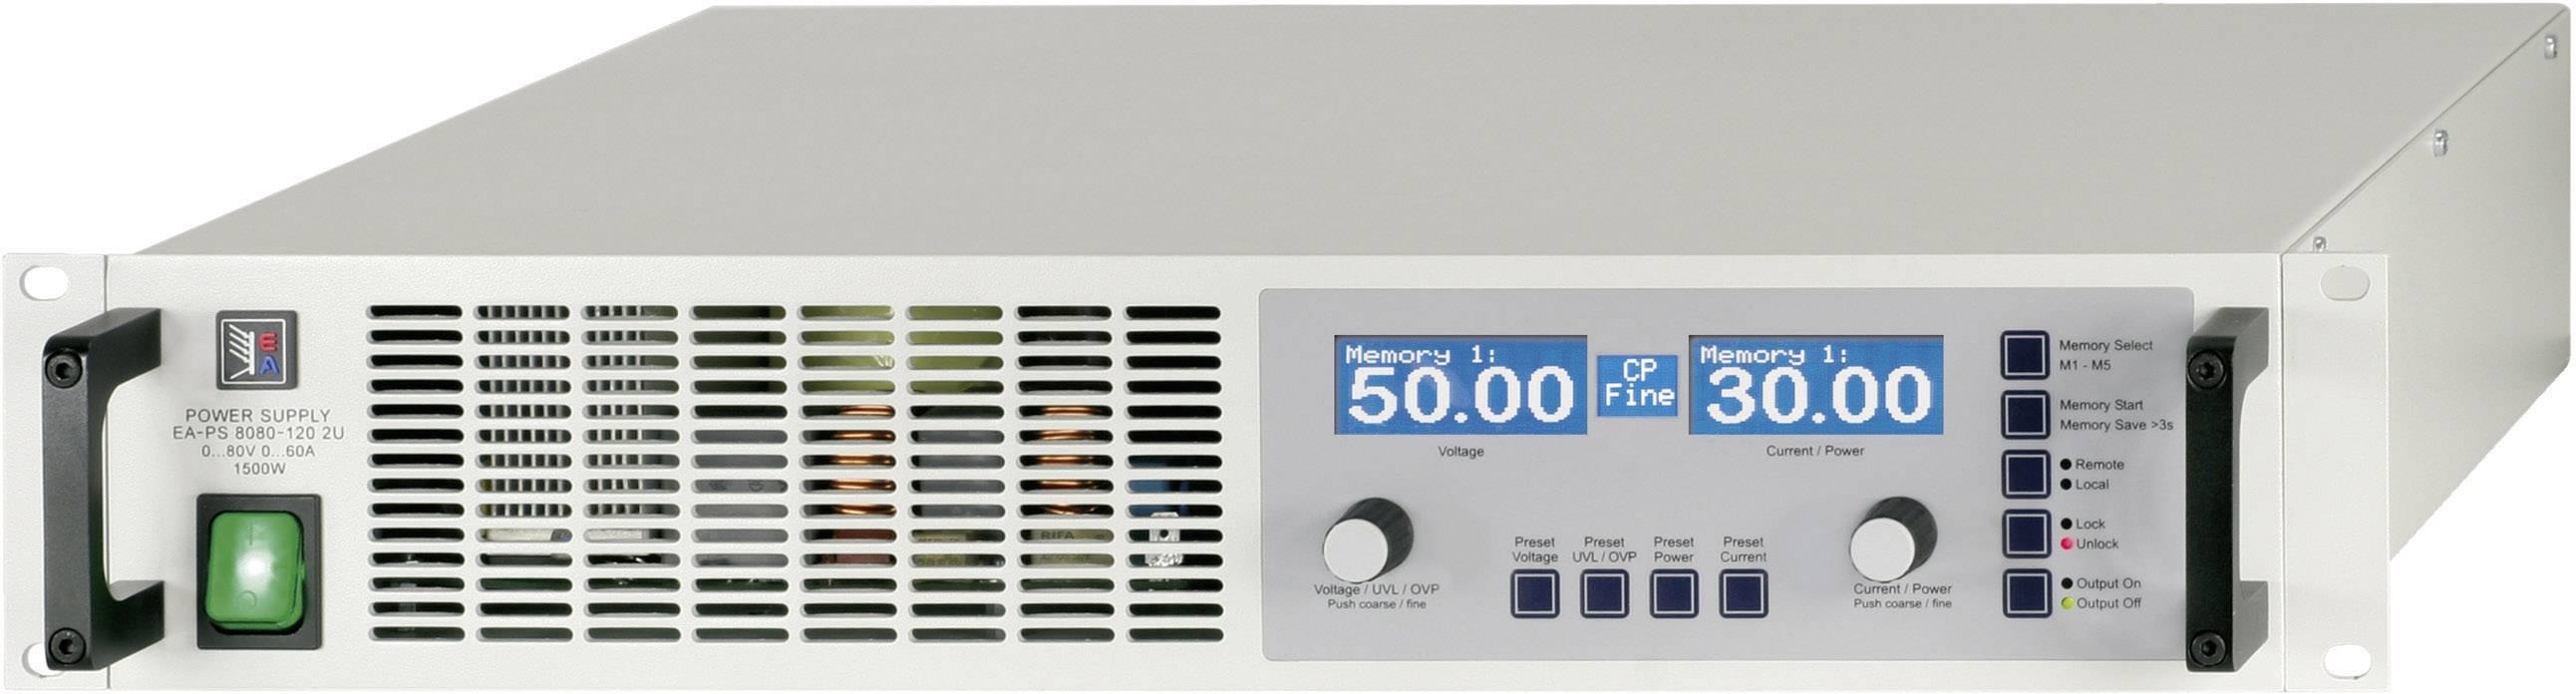 Regulovatelný laboratorní síťový zdroj EA-PS 8080-120 2U, 0 - 80 V/DC, 0 - 120 A, 3000 W